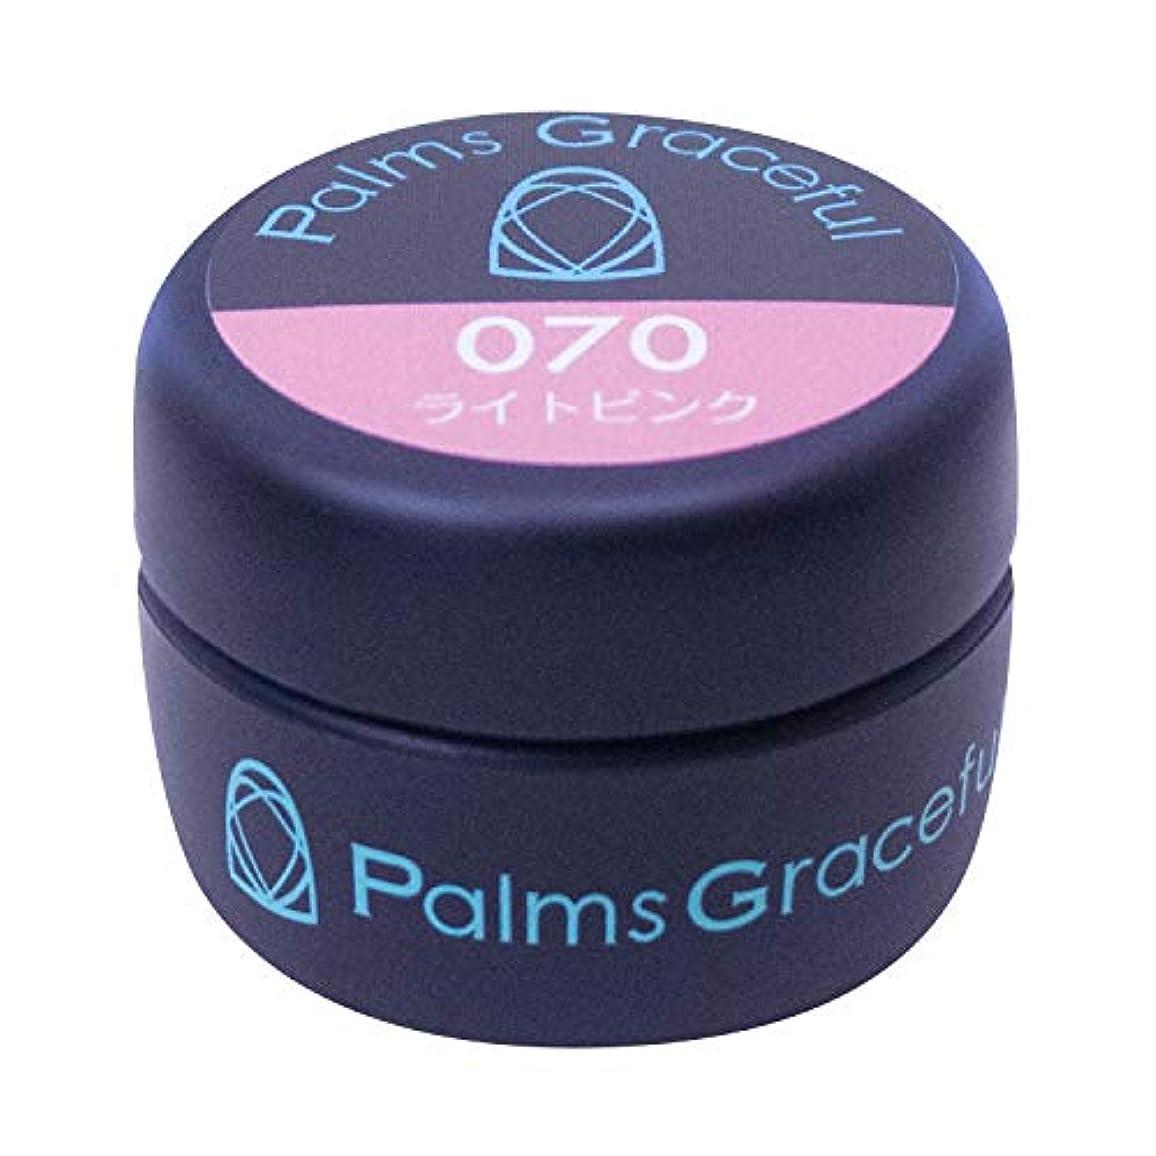 居住者後世宝Palms Graceful カラージェル 3g 070 ライトピンク